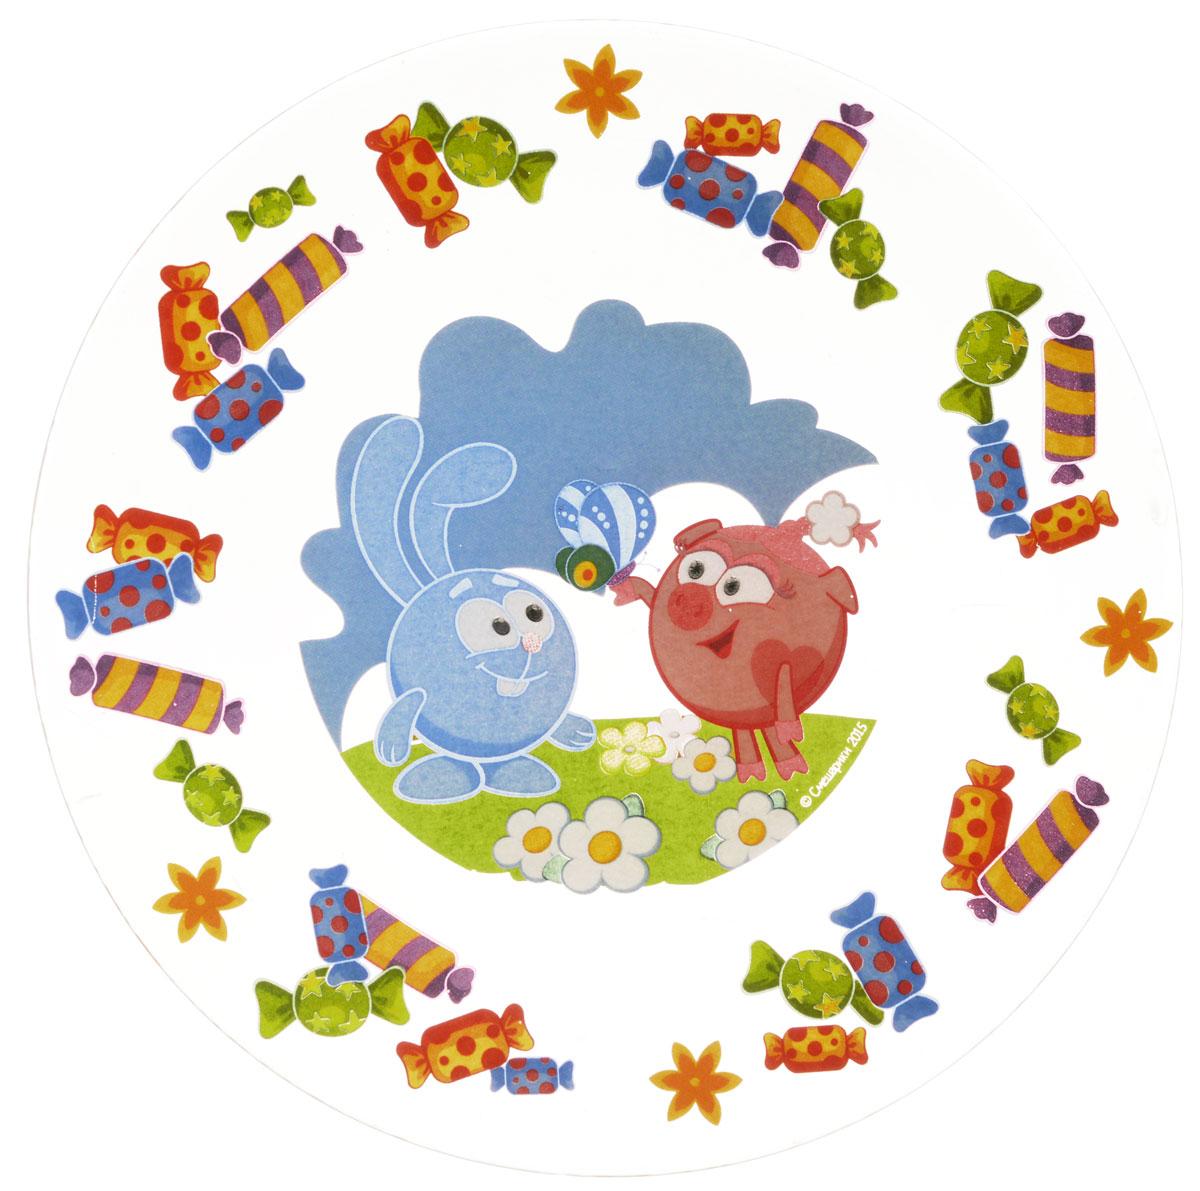 Смешарики Тарелка детская Конфеты диаметр 19,5 смСШТ195-1Яркая тарелка Смешарики Конфеты идеально подойдет для кормления малыша и самостоятельного приема им пищи. Тарелка выполнена из стекла и оформлена высококачественным изображением героев мультсериала Смешарики. Такой подарок станет не только приятным, но и практичным сувениром, добавит ярких эмоций вашему ребенку! Можно использовать в посудомоечной машине.